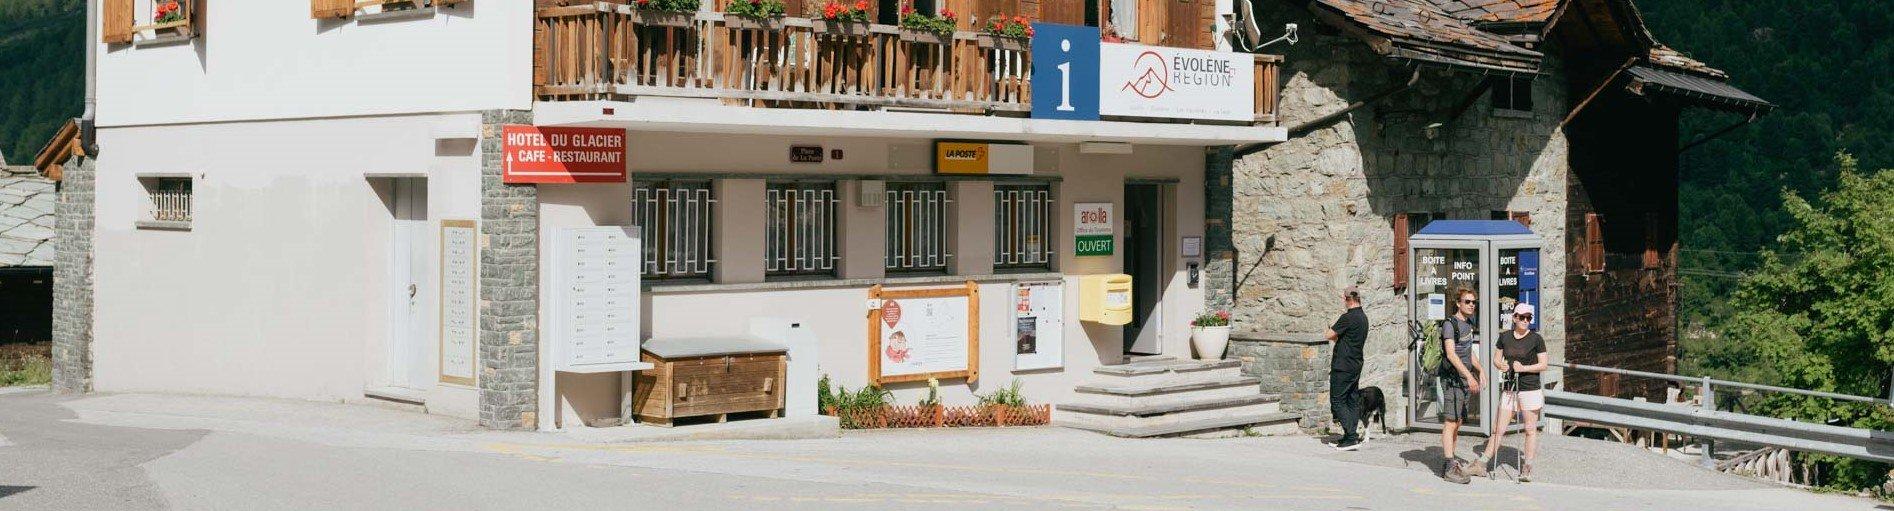 Office du Tourisme et poste d'Arolla